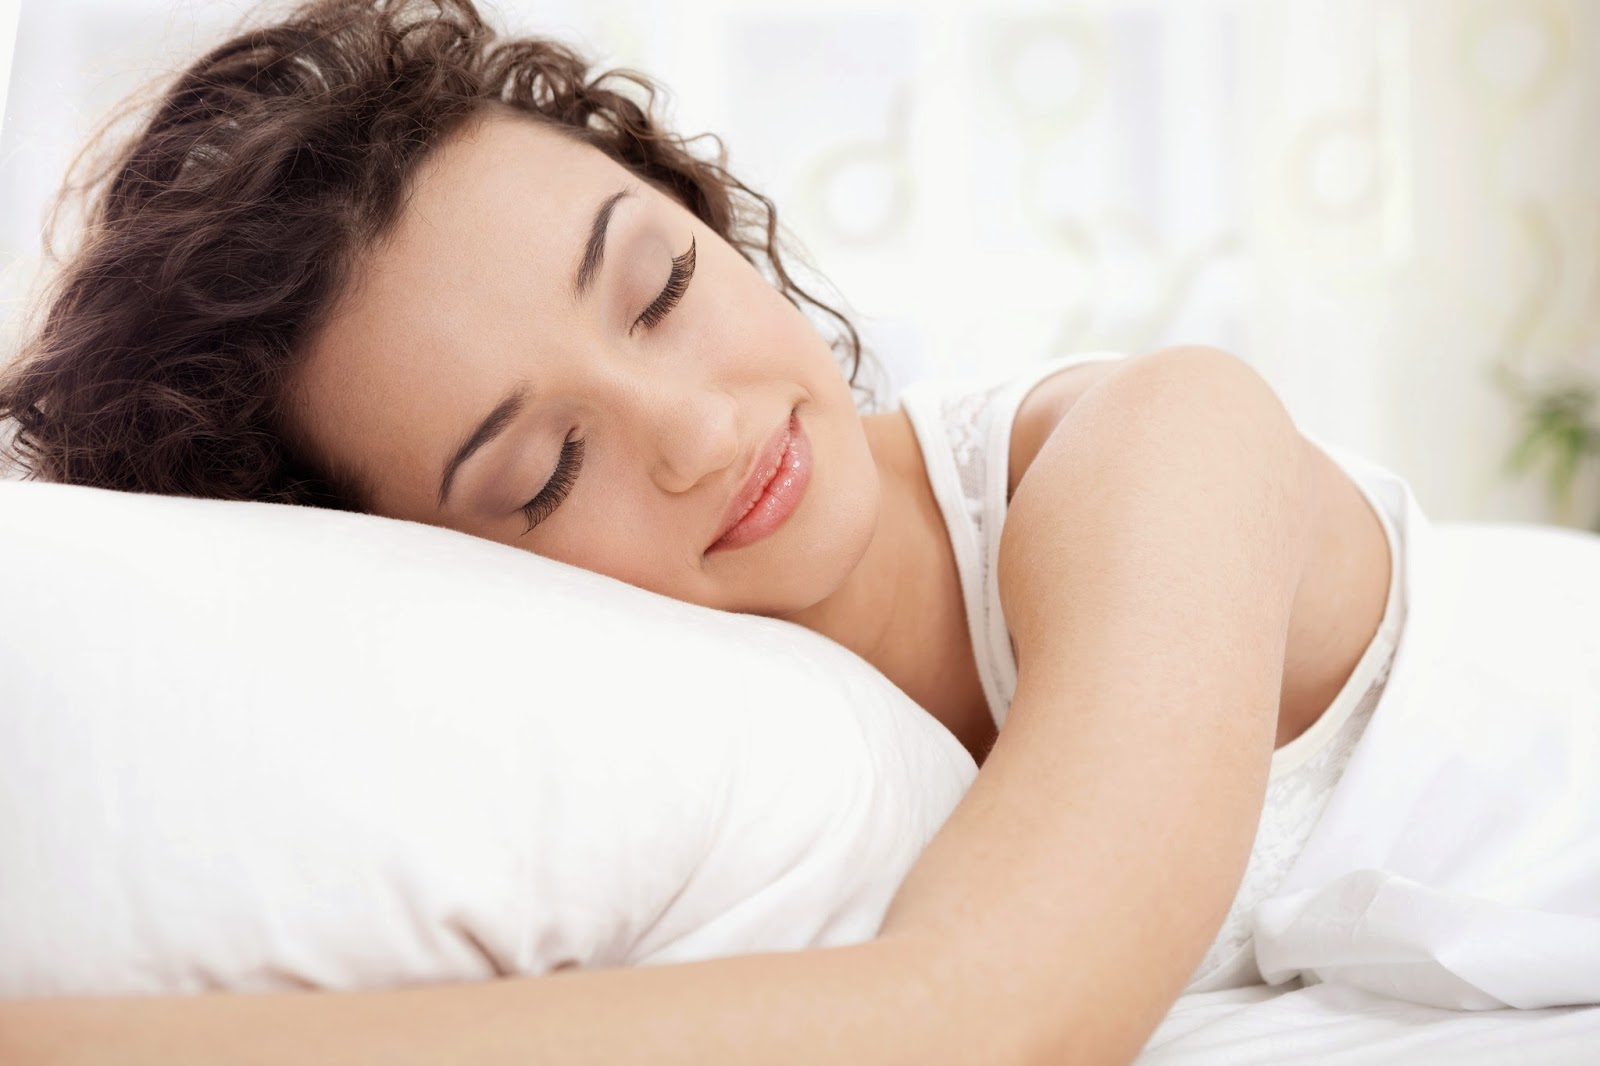 Фото жён спящих 18 фотография